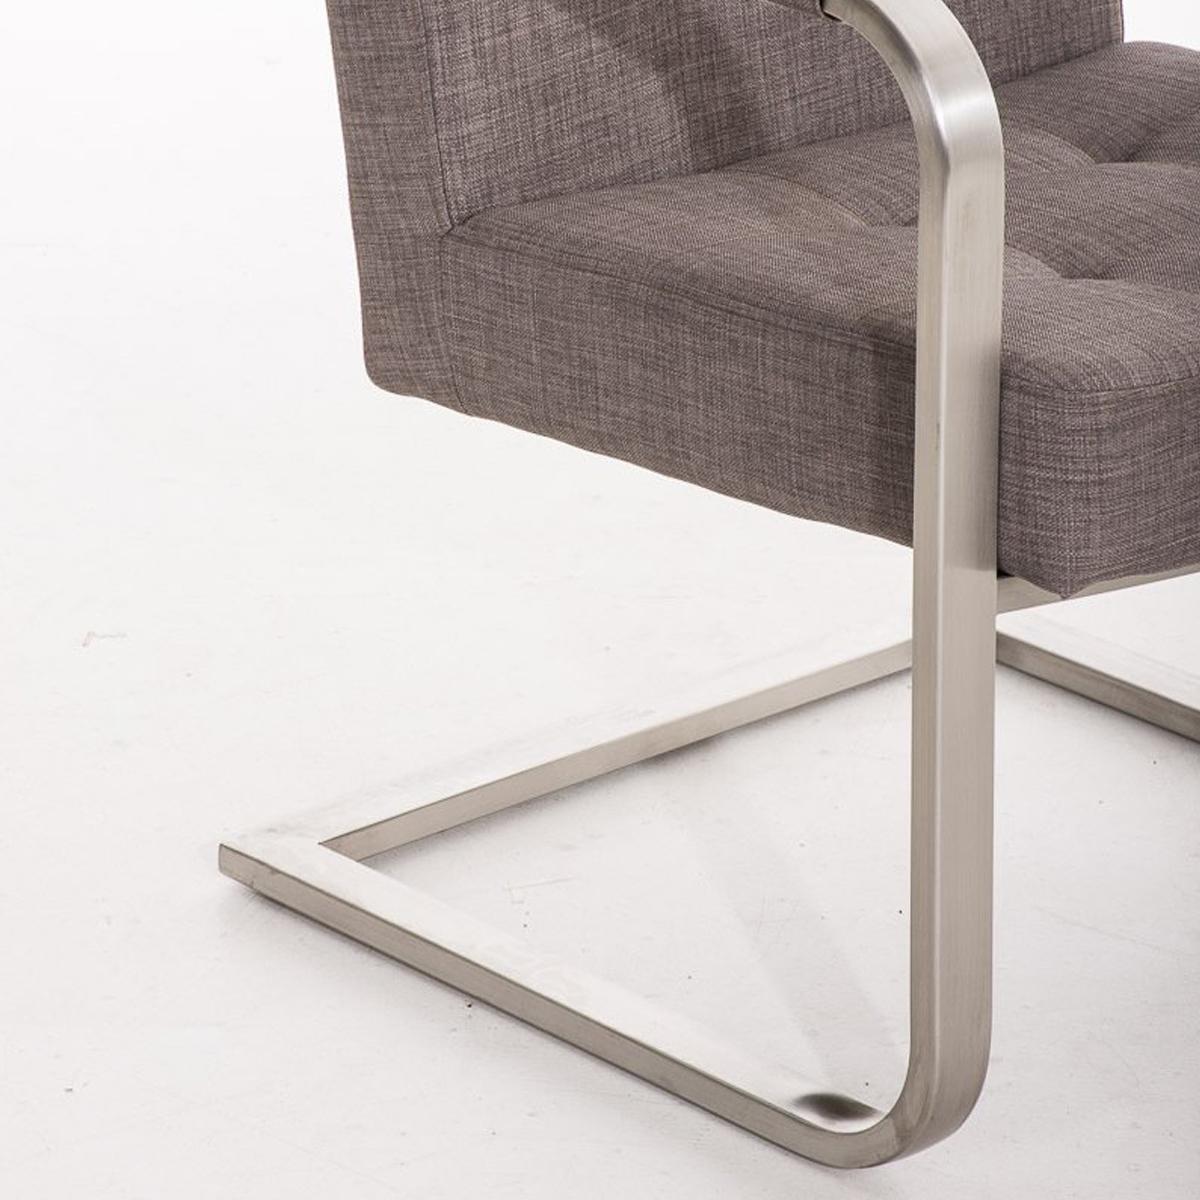 Silla de confidente morgal tela de exclusivo y moderno dise o con estructura en acero - Color gris acero ...